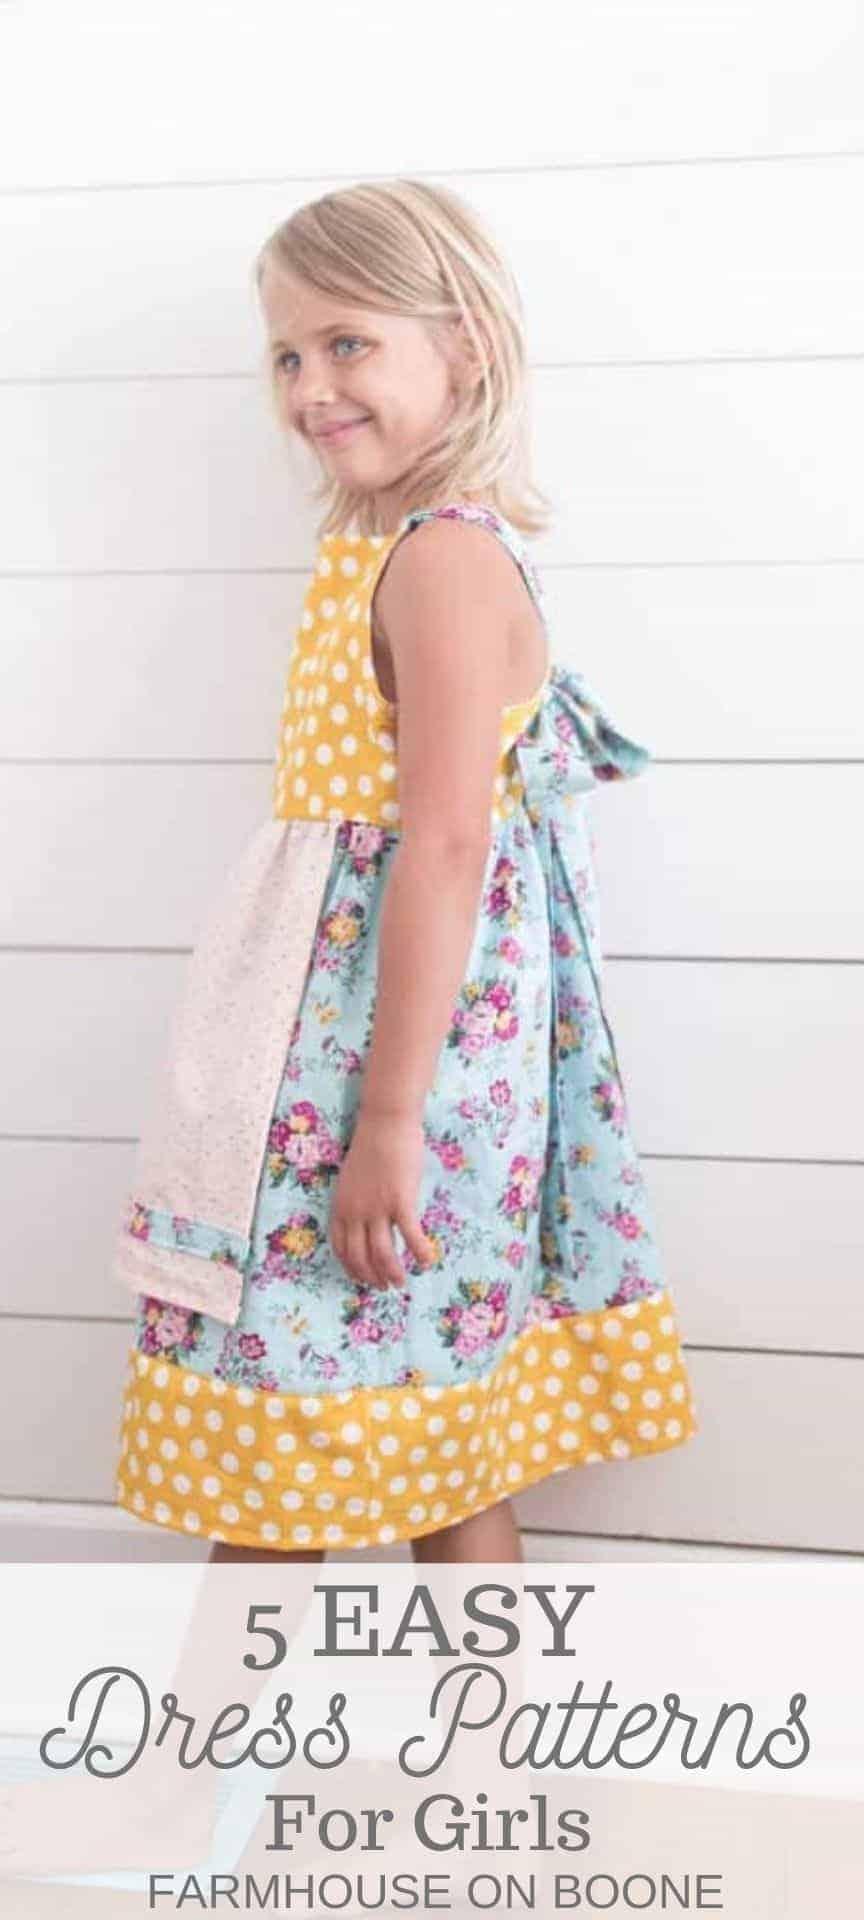 girl wearing a homemade dress